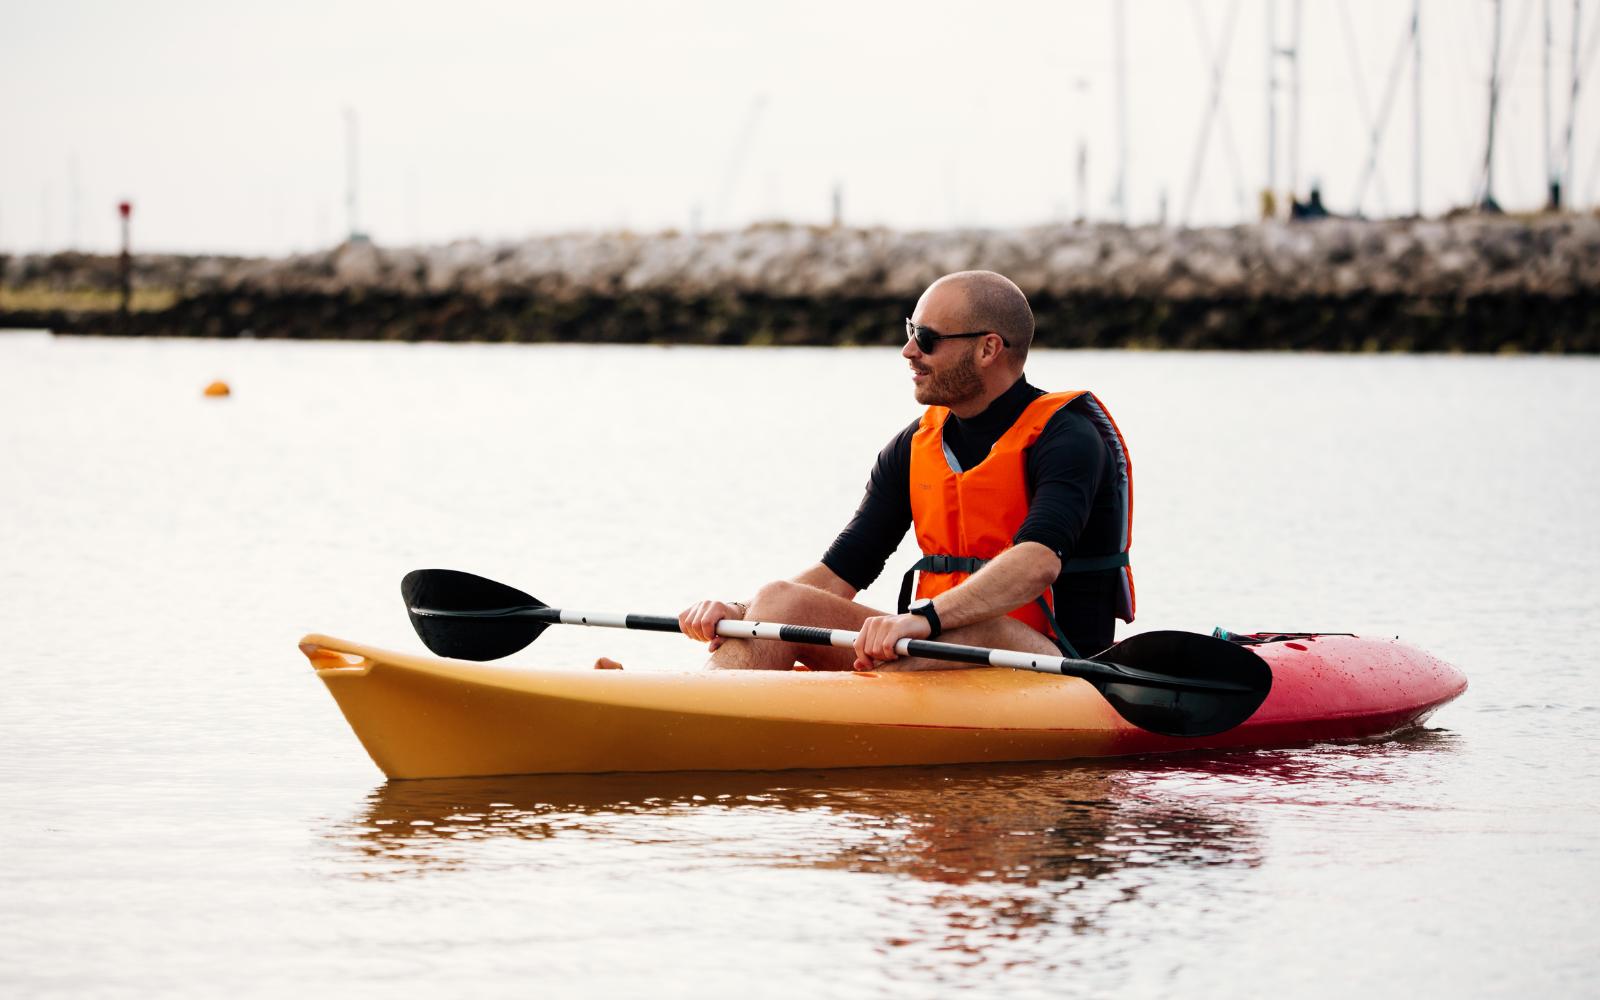 26 5 - Reid ® - Reid Coast Kayak